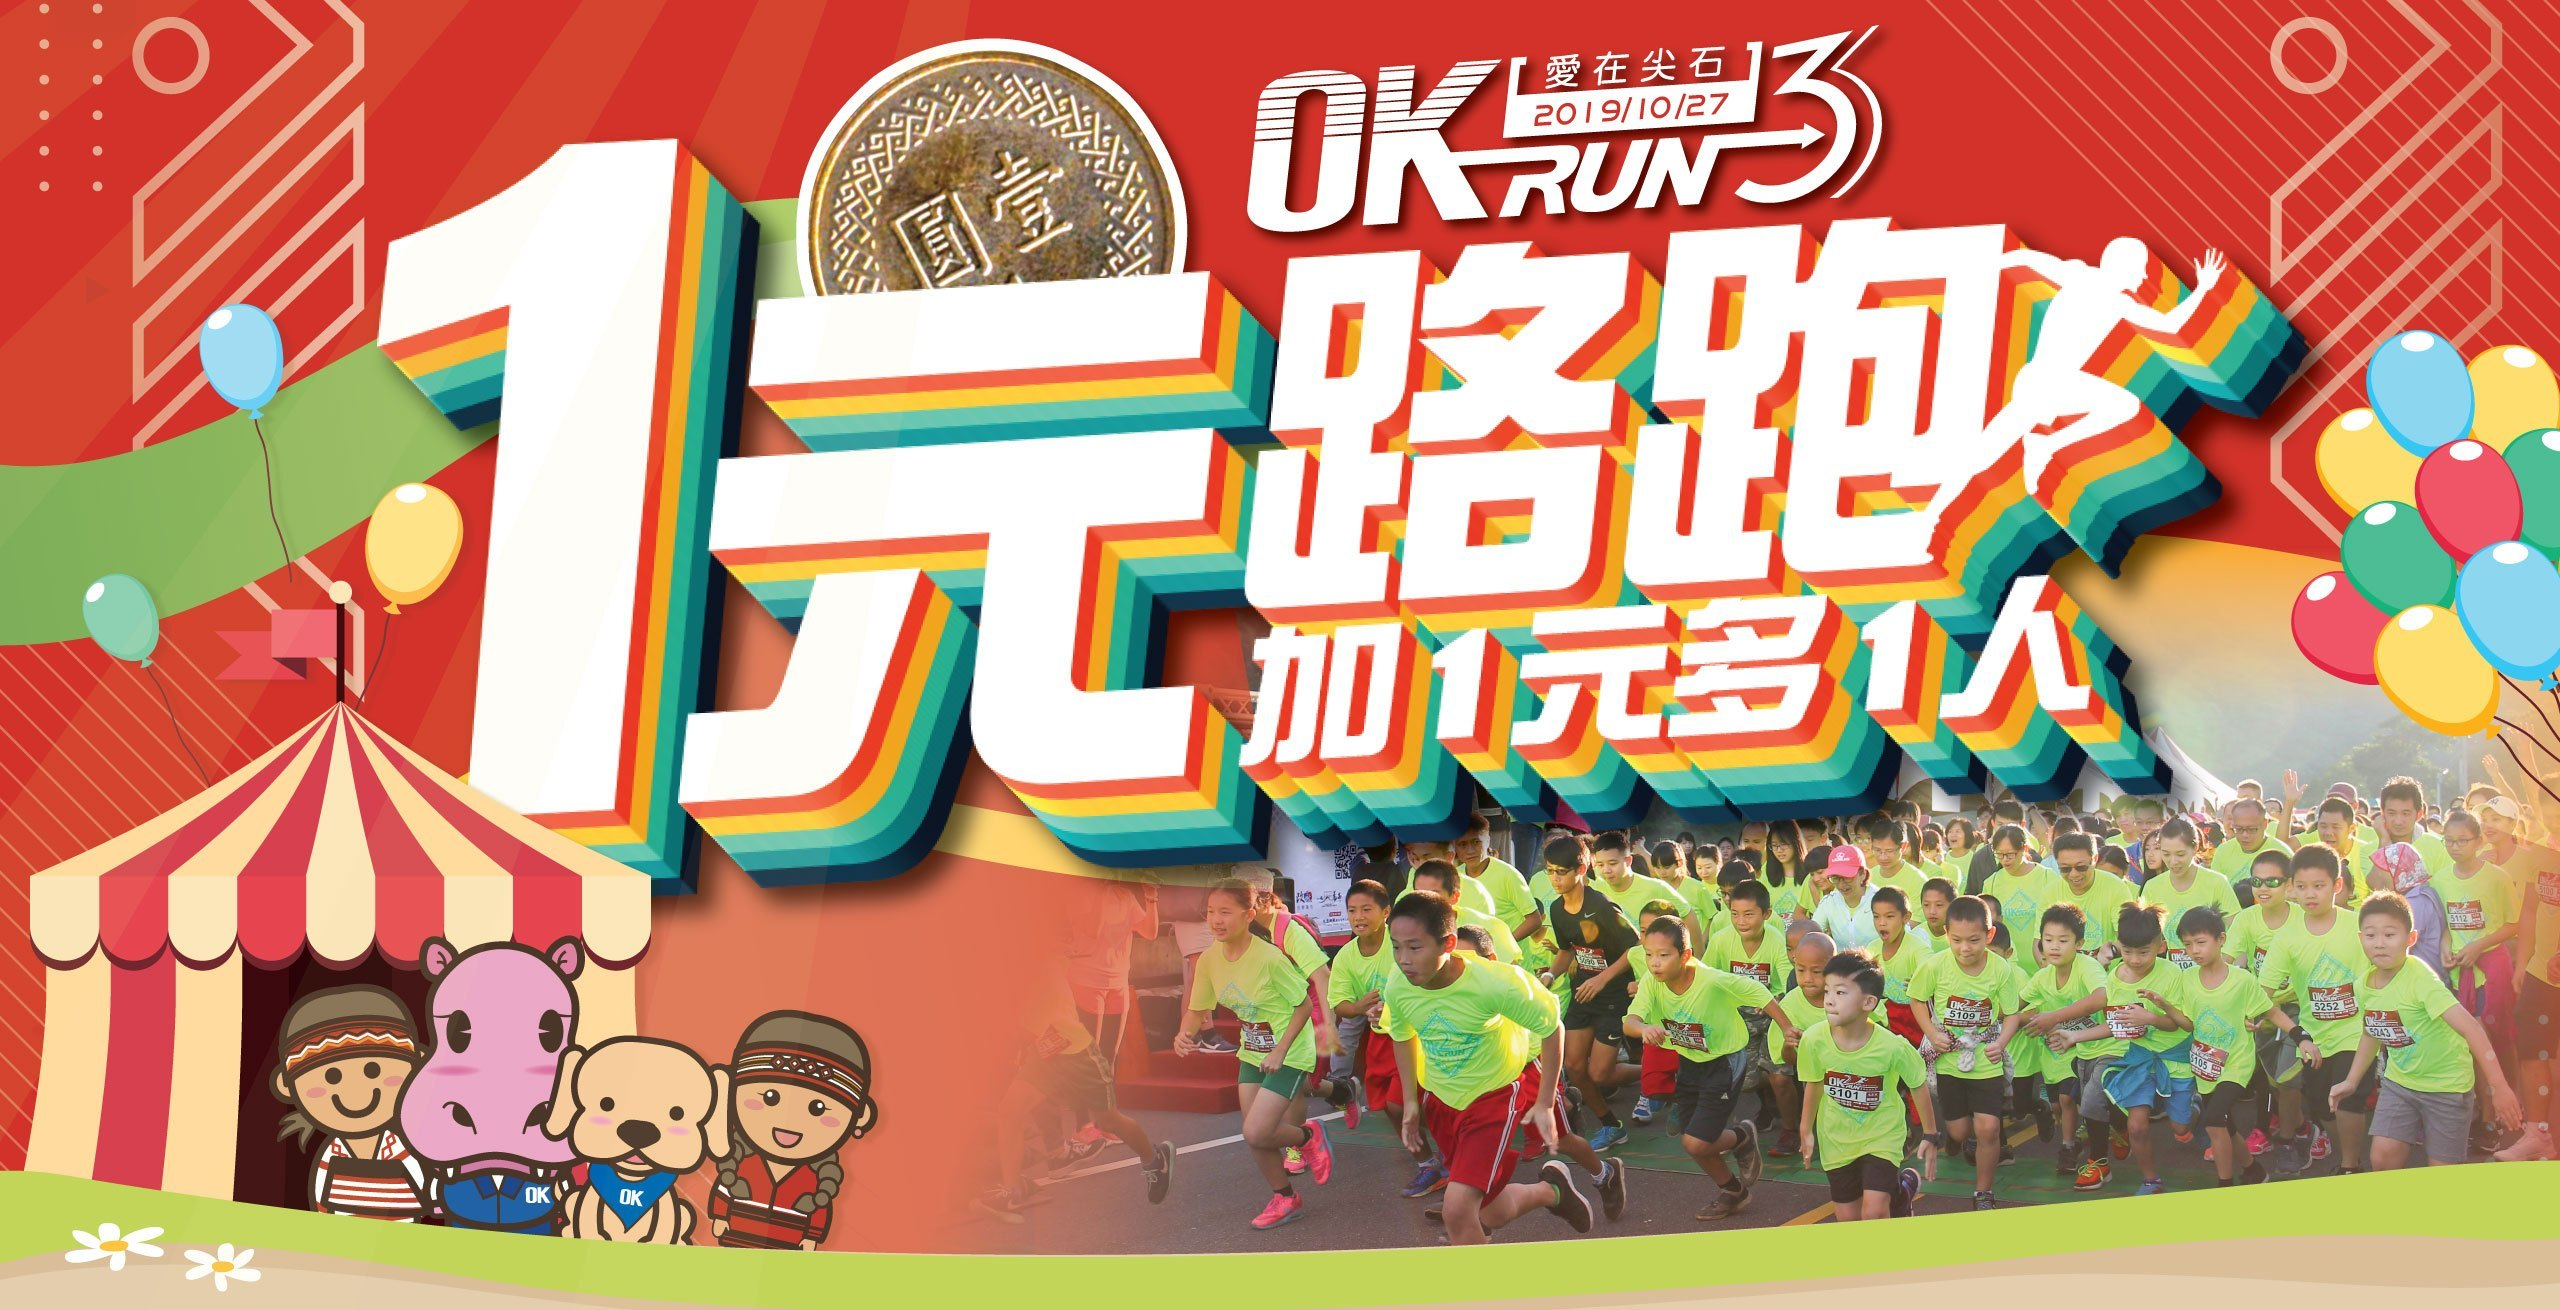 一元就能參加 OKRUN 路跑做公益